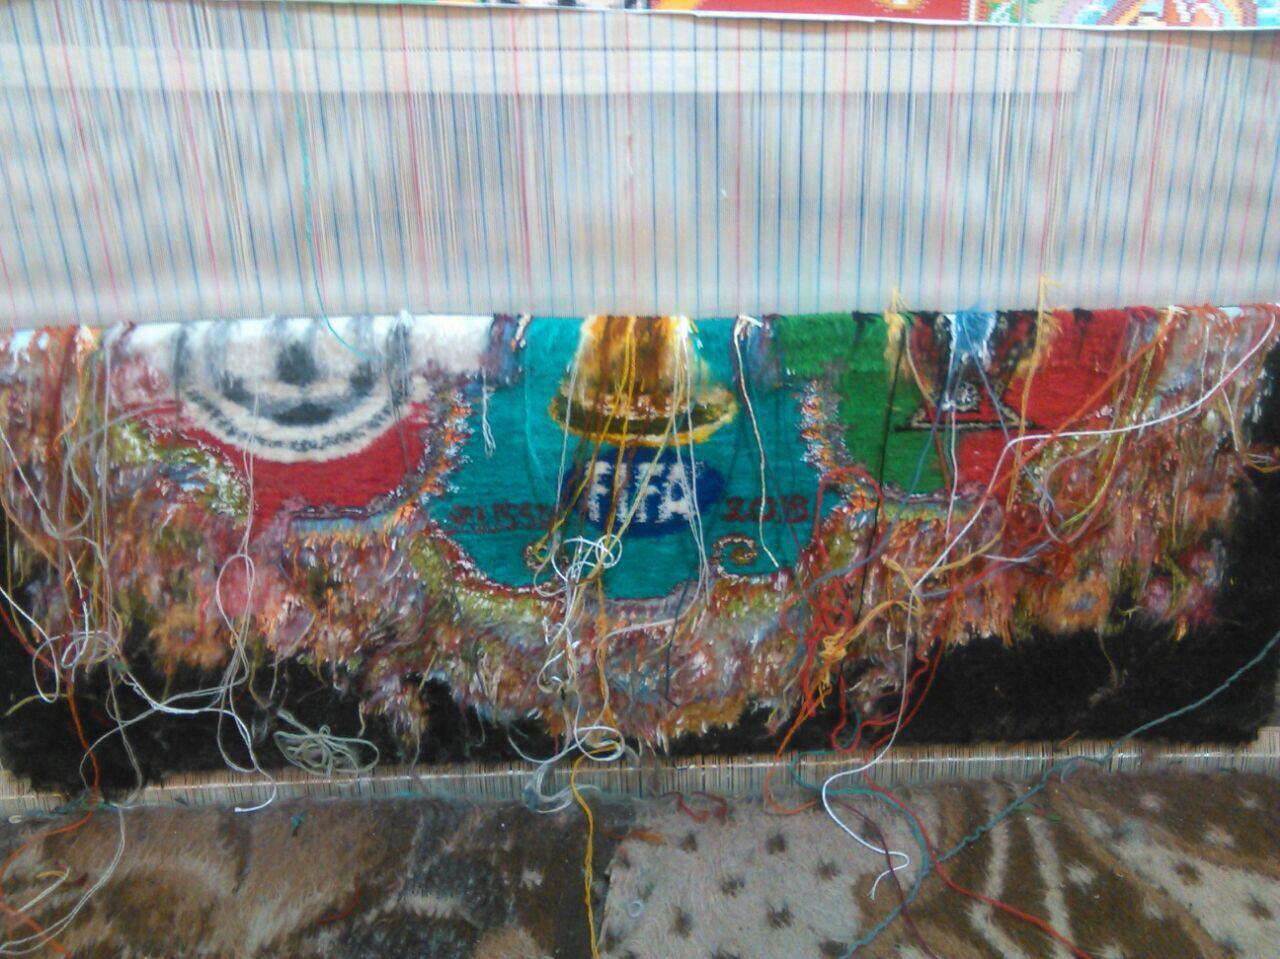 جزئیات فرش های بافته شده جام جهانی